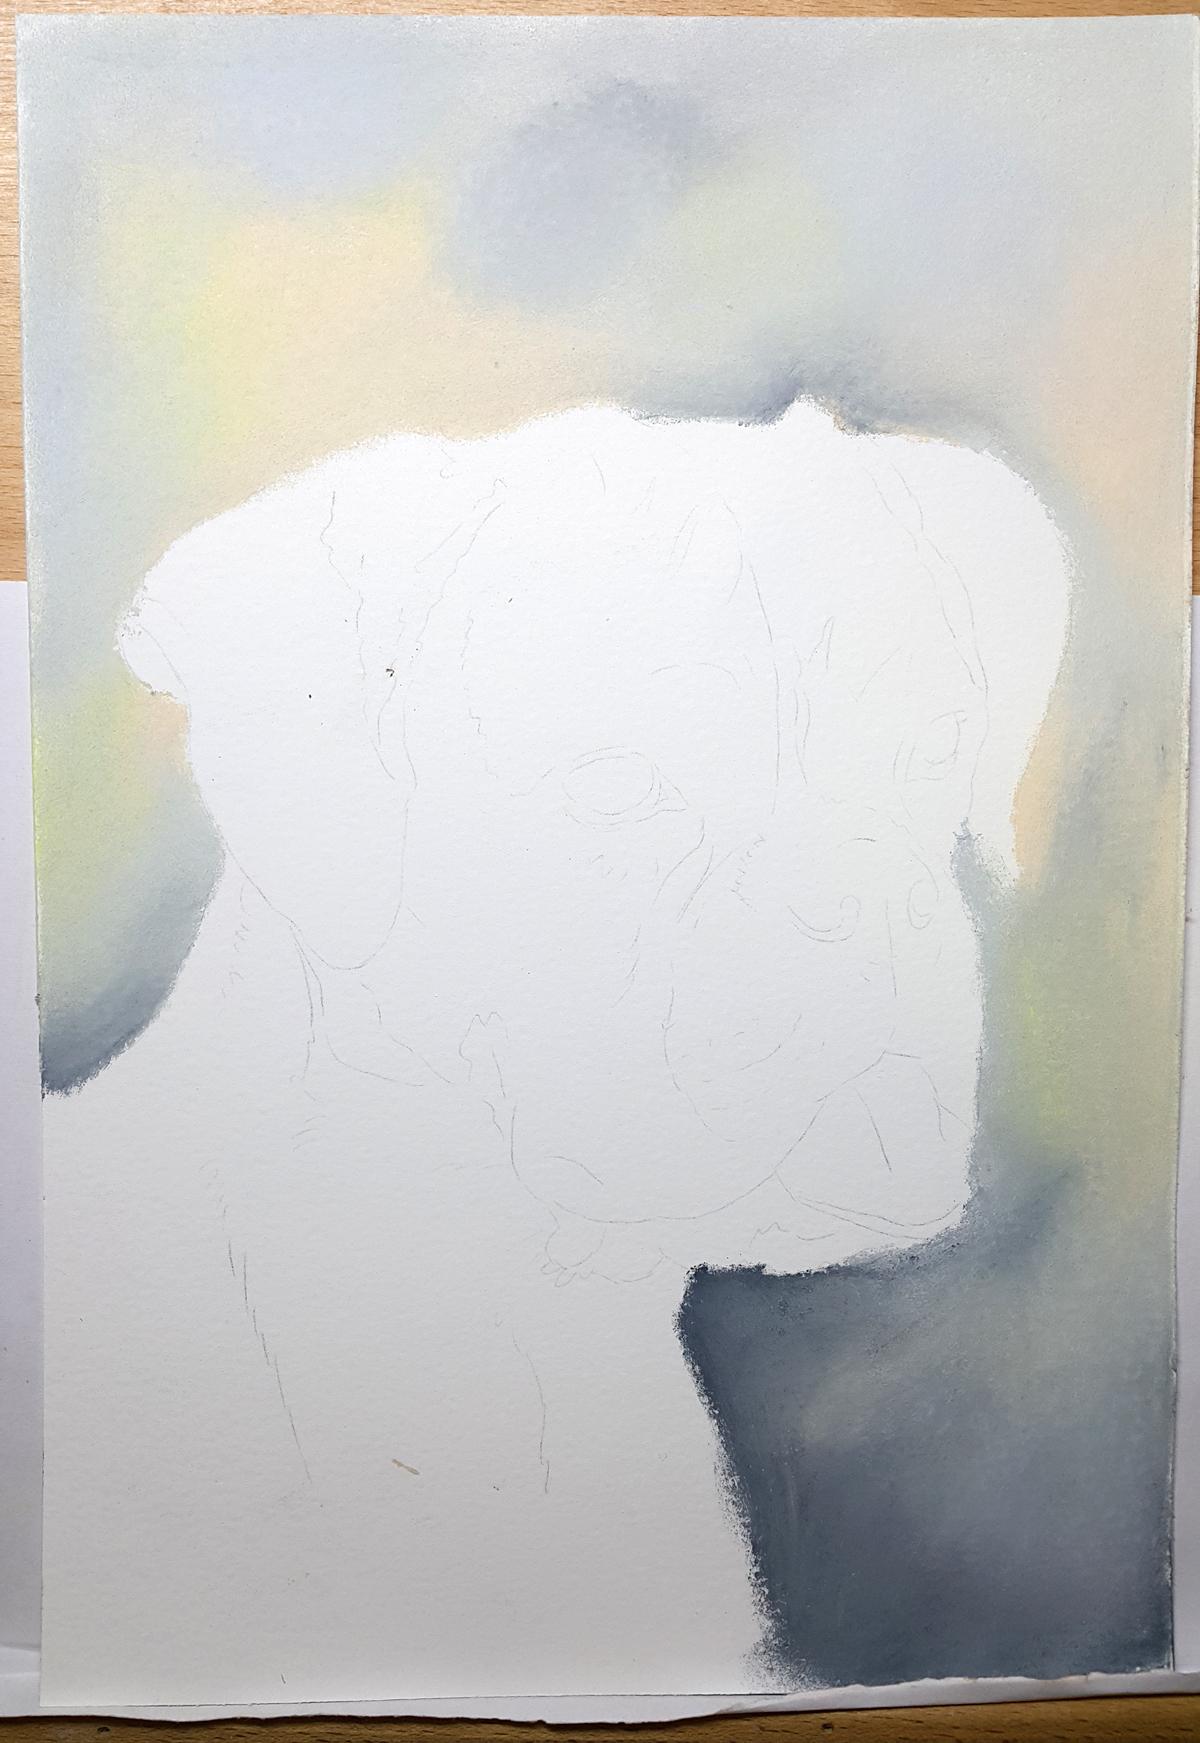 Stap 1 portret Hodel